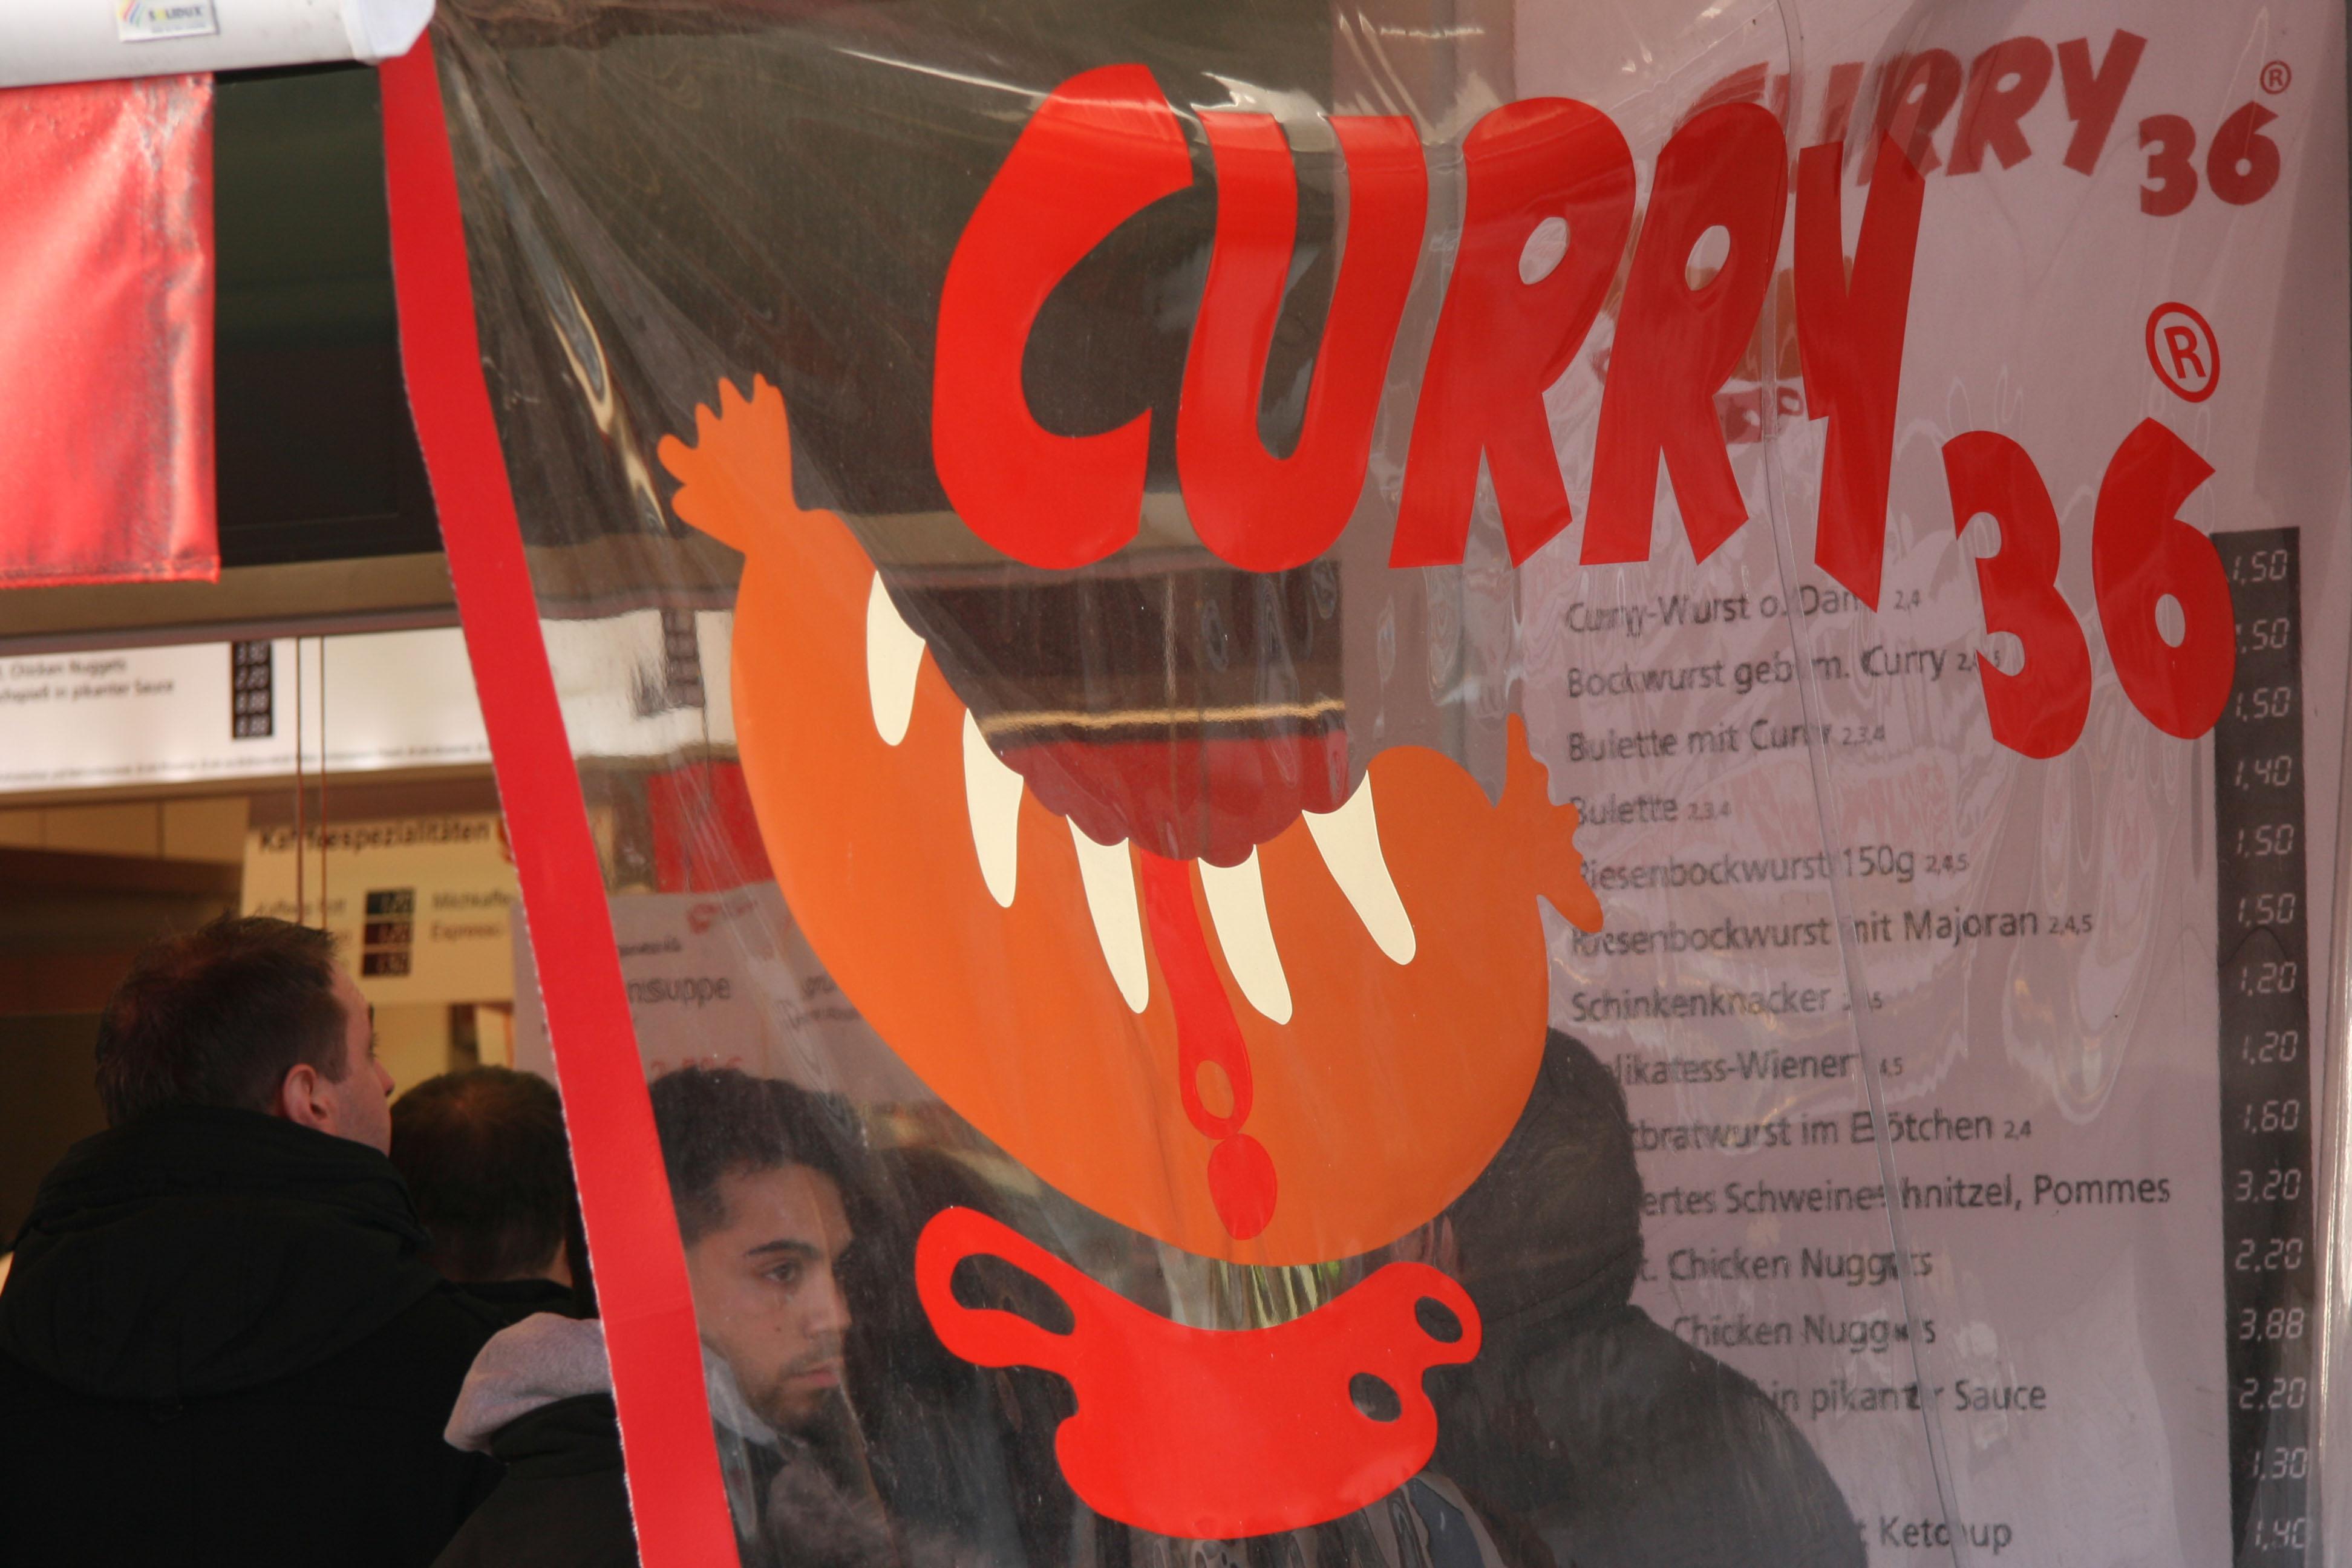 Lika Berlin curry 36 currywurst in berlin berlin